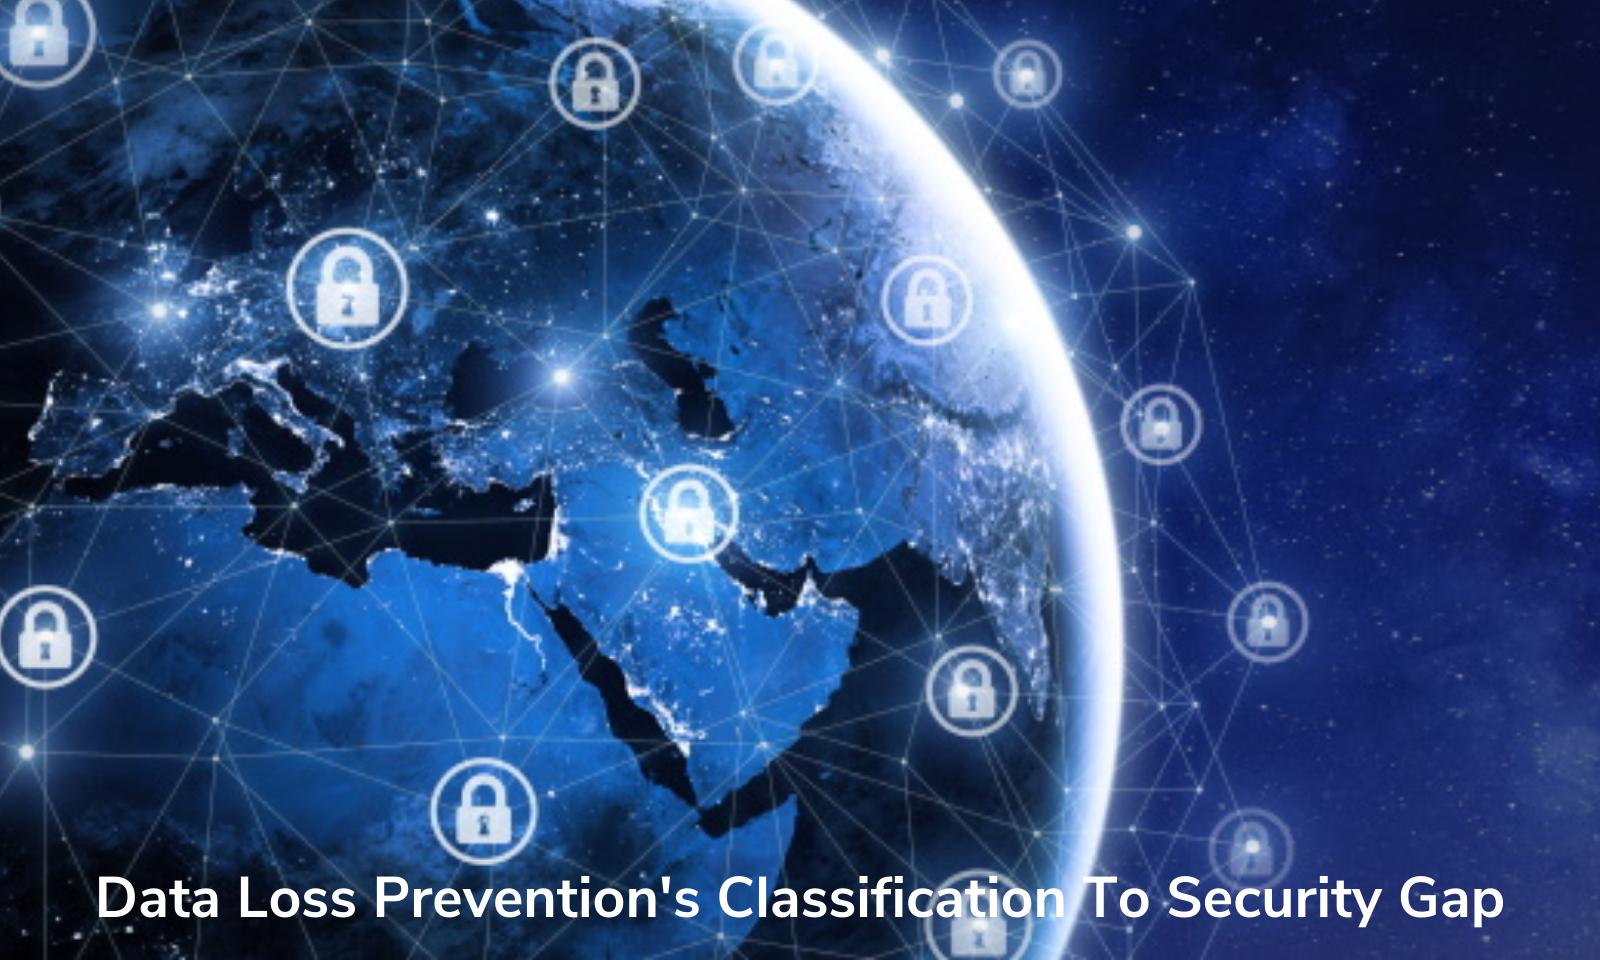 Classificação da Prevenção contra perda de dados para lacuna de segurança